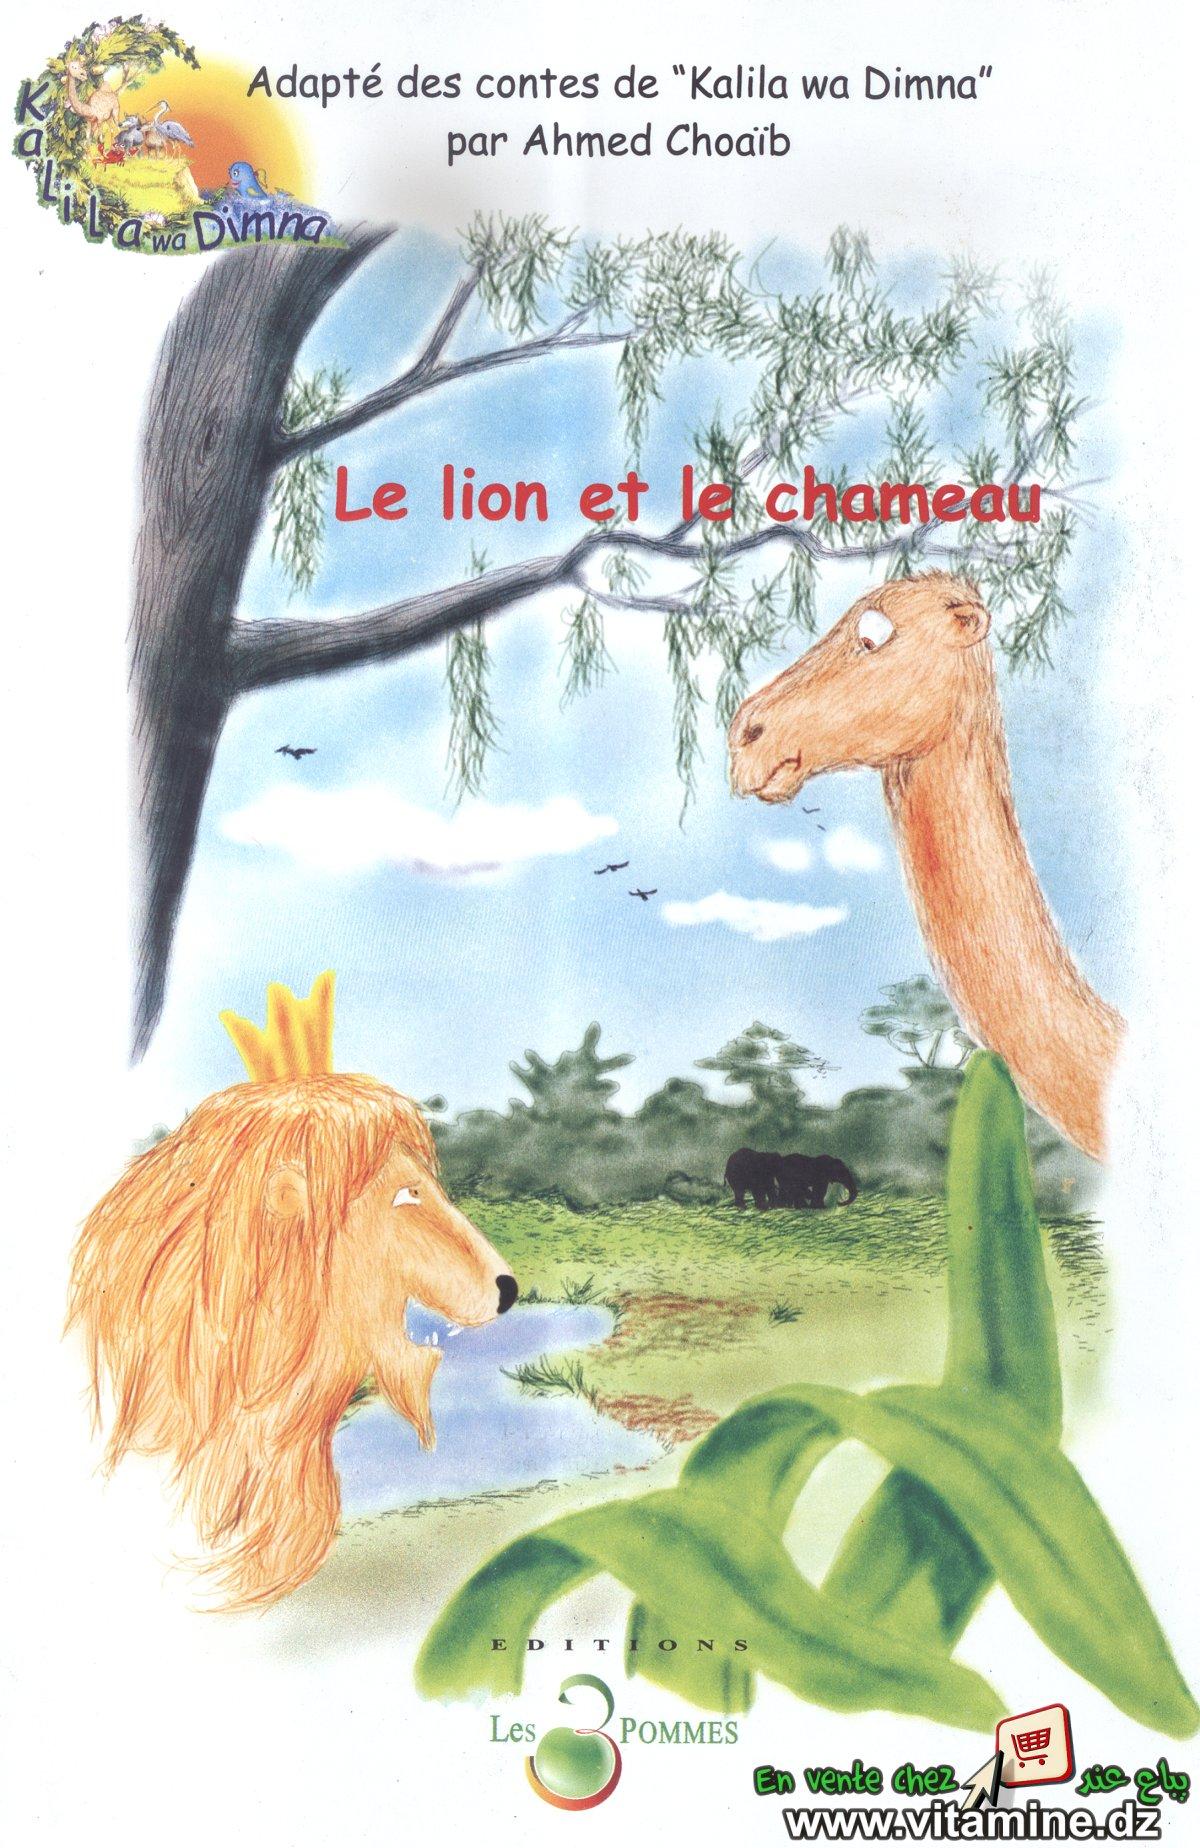 Ahmed Choaïb - Le lion et le chameau (Adapté des contes de Kalila wa Dimna)